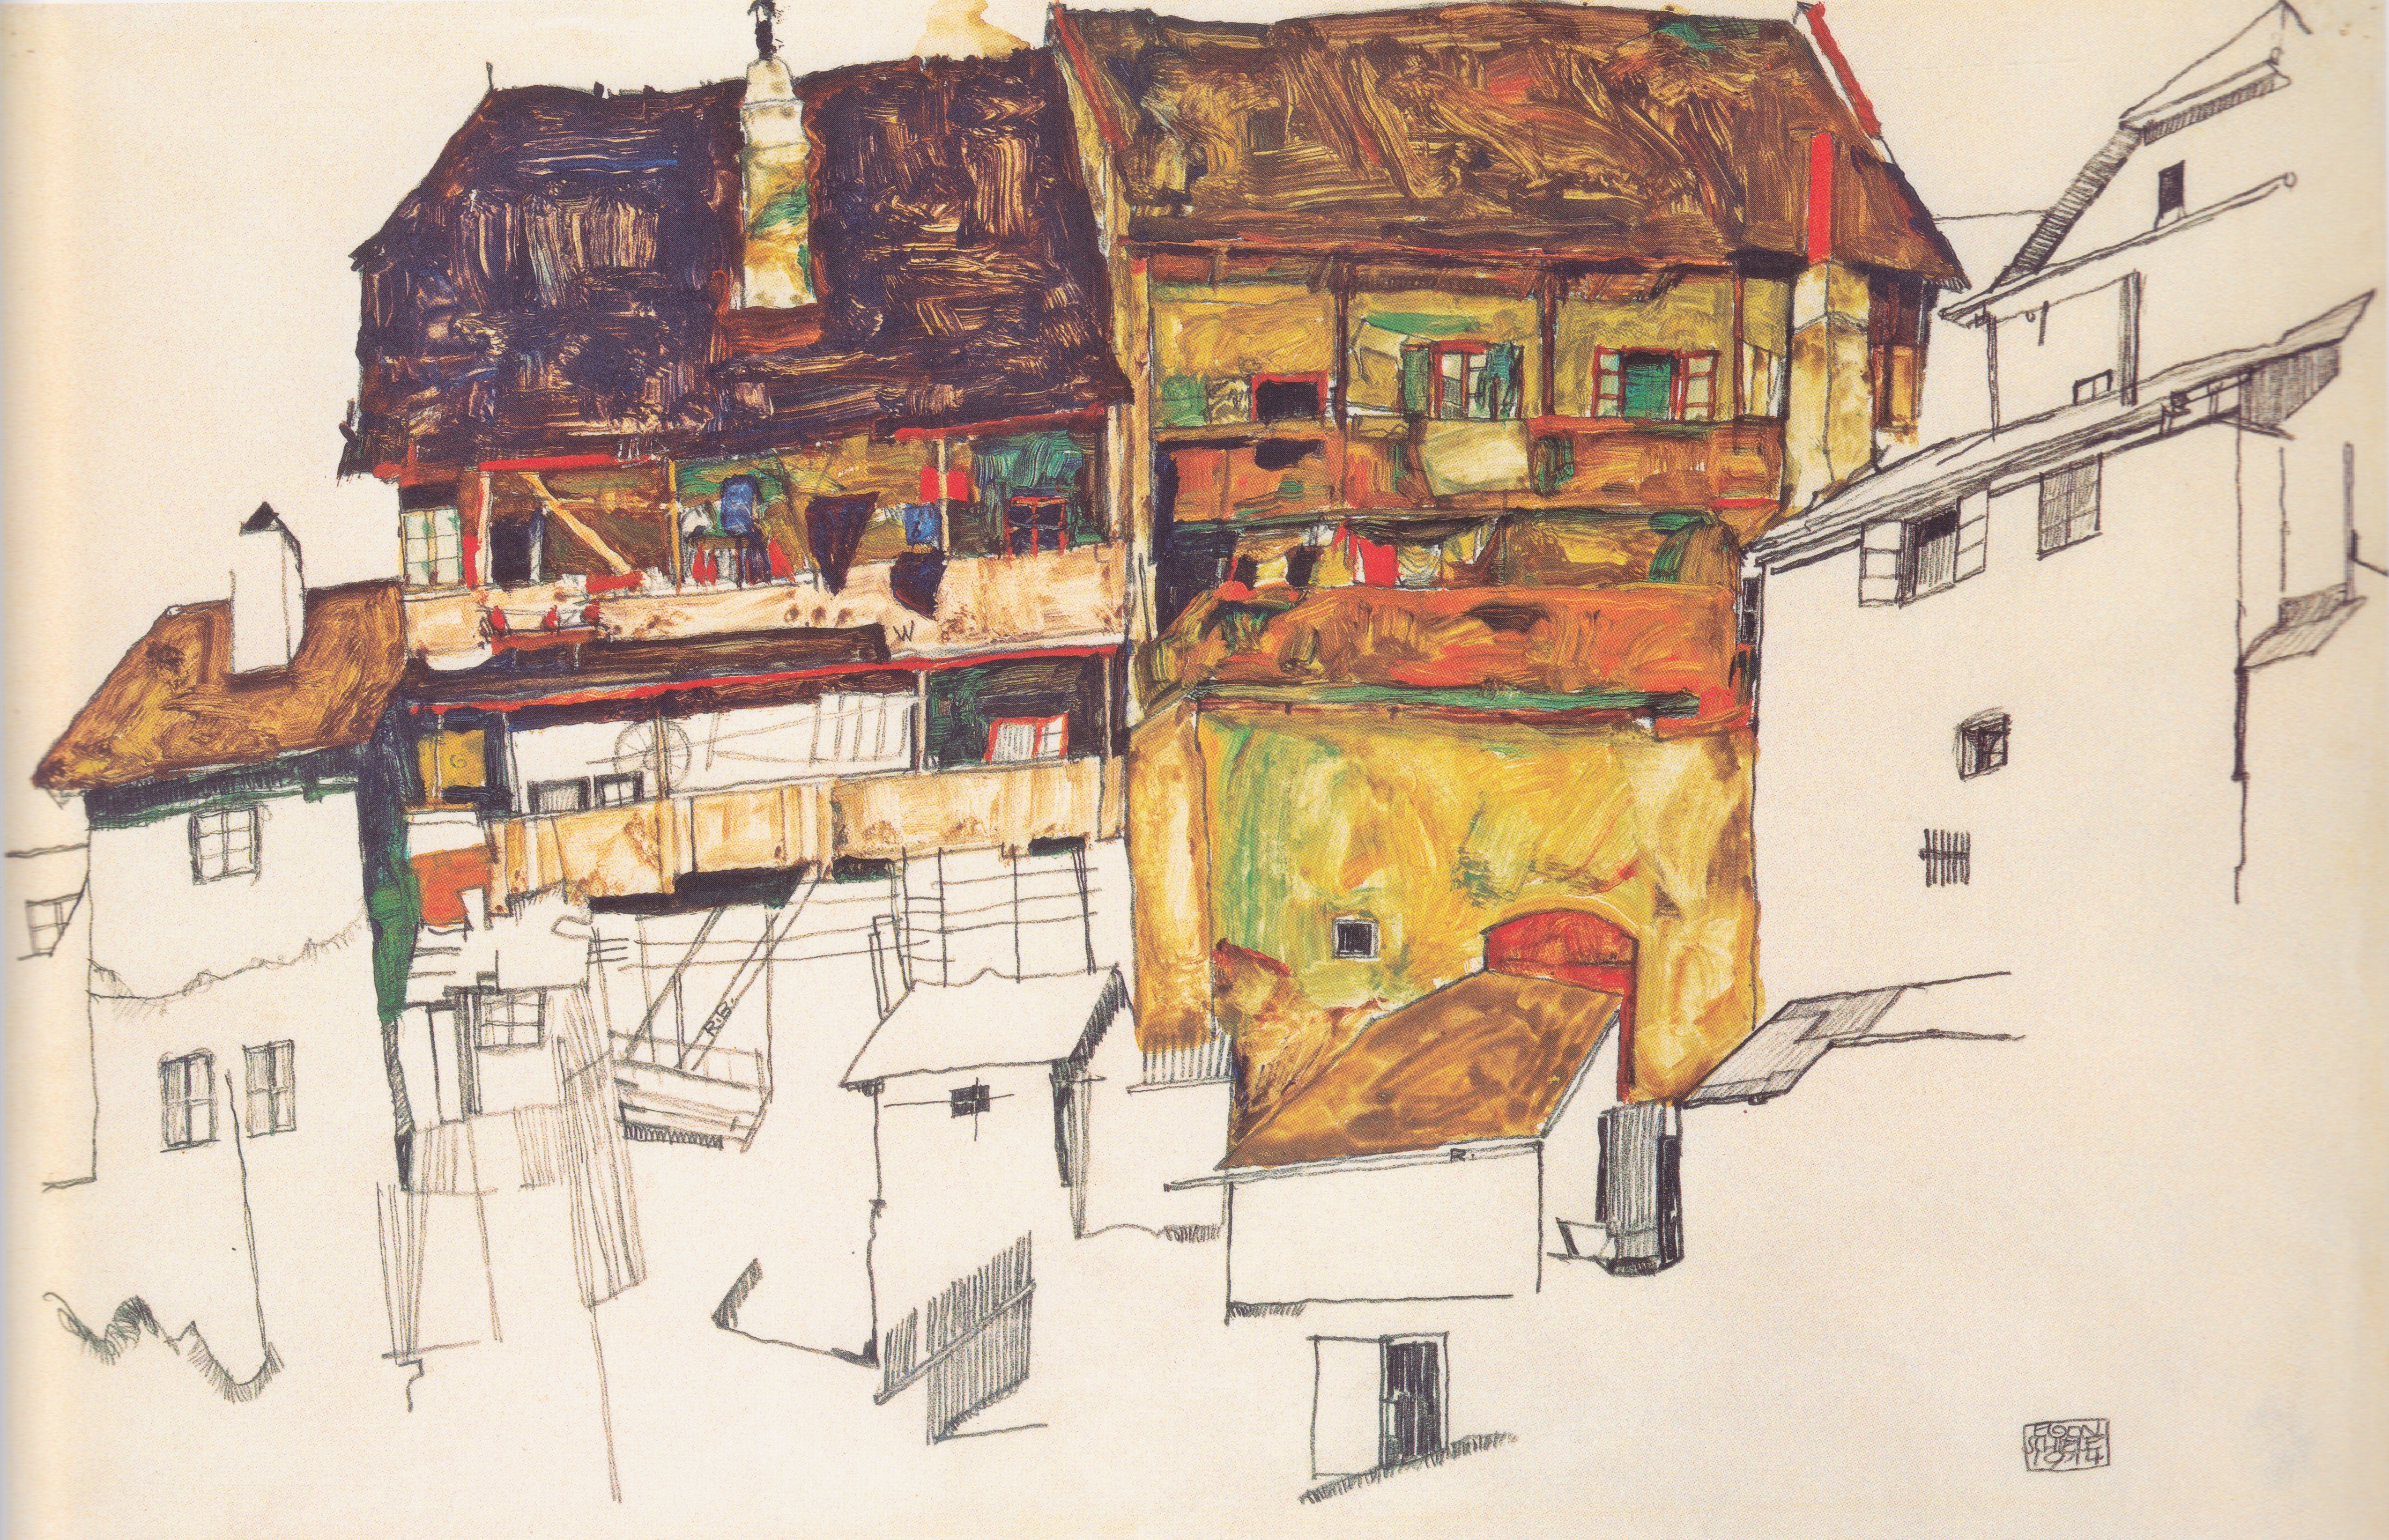 Häuser In file egon schiele alte häuser in krumau 1914 jpeg wikimedia